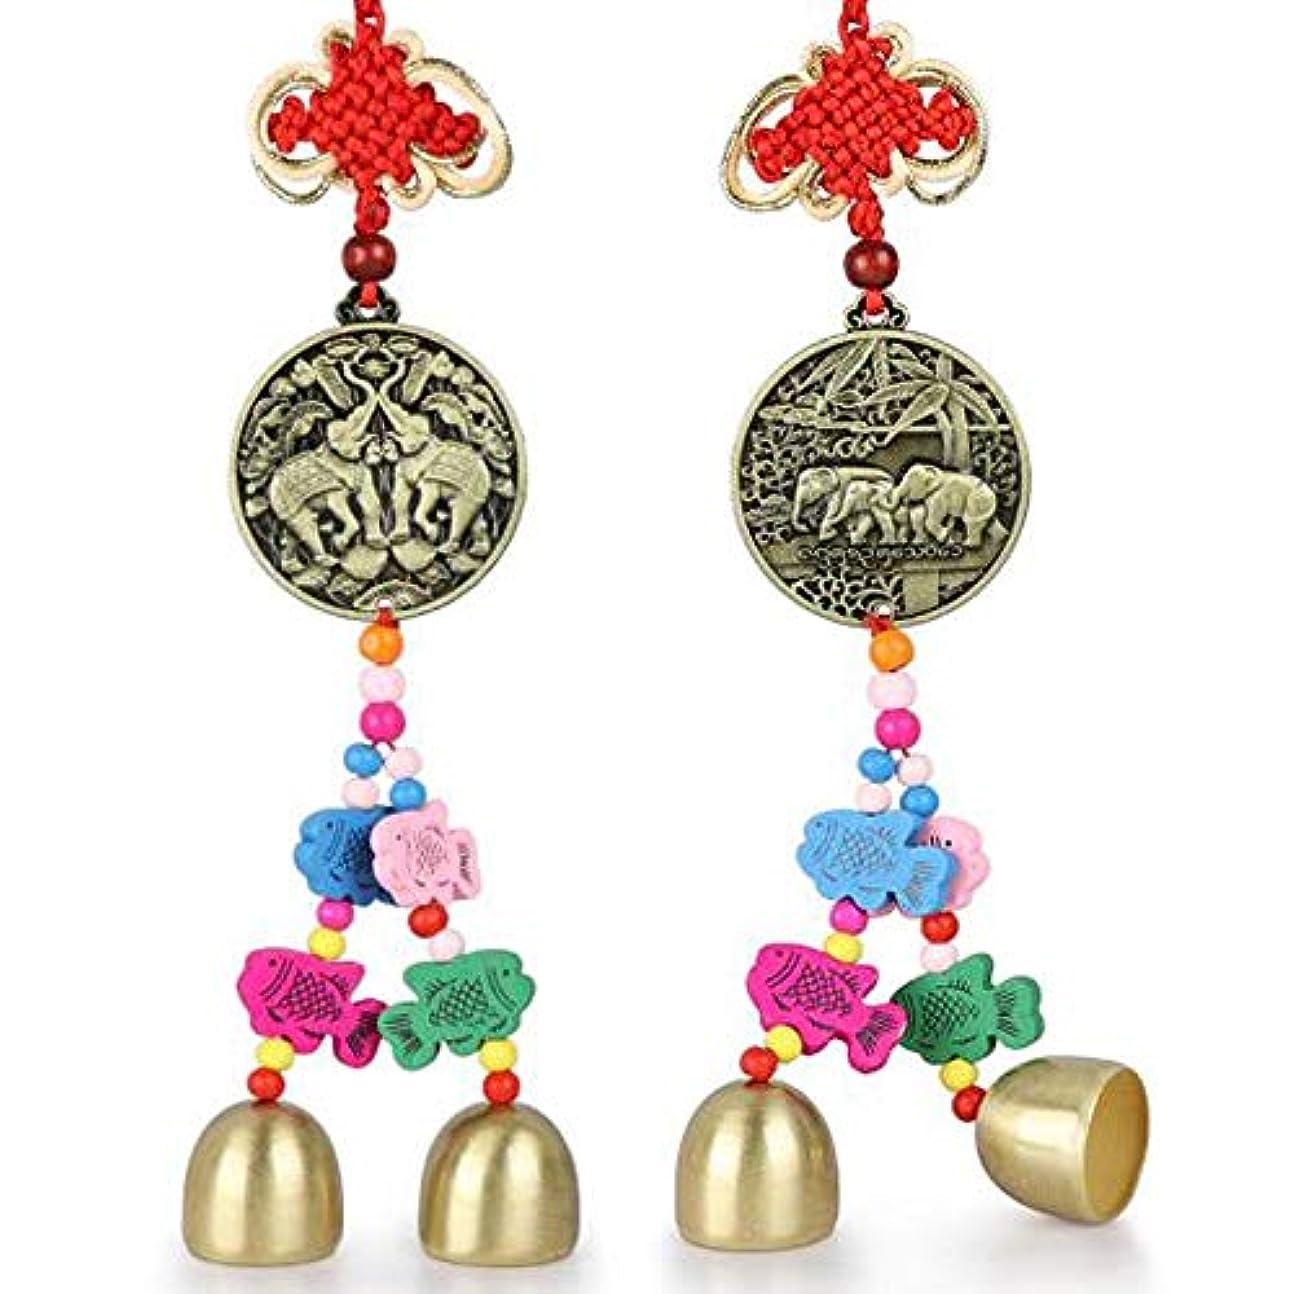 多分仲介者ラッシュYougou01 風チャイム、中国のノット銅鐘ホーム車の装飾、ゴールド、全長約31センチメートル 、創造的な装飾 (Color : B)